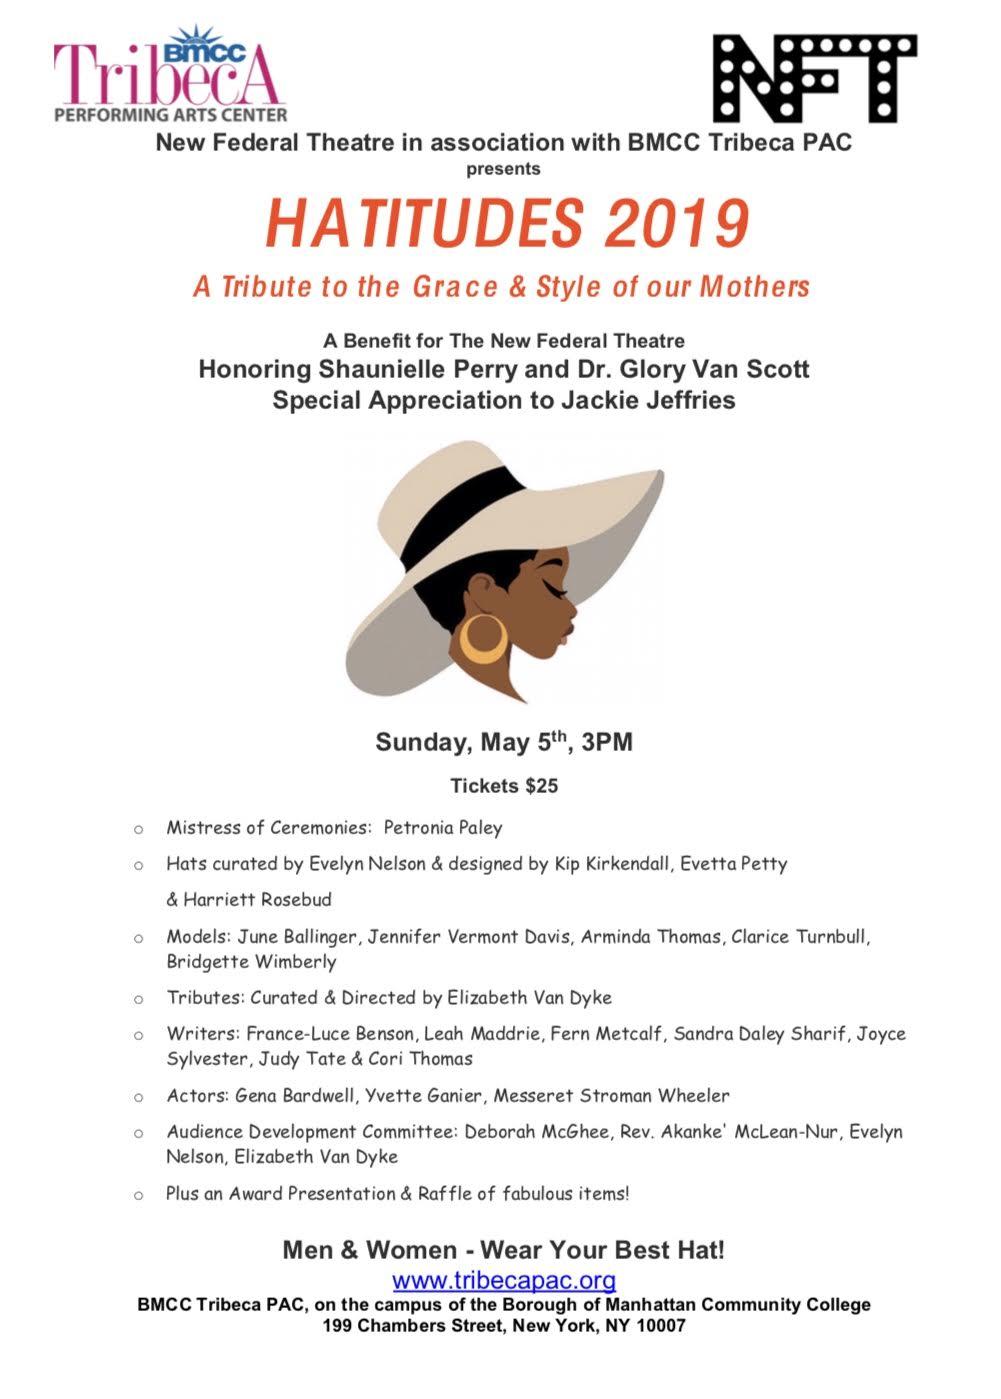 HATITUDES 2019 fullpage.jpg